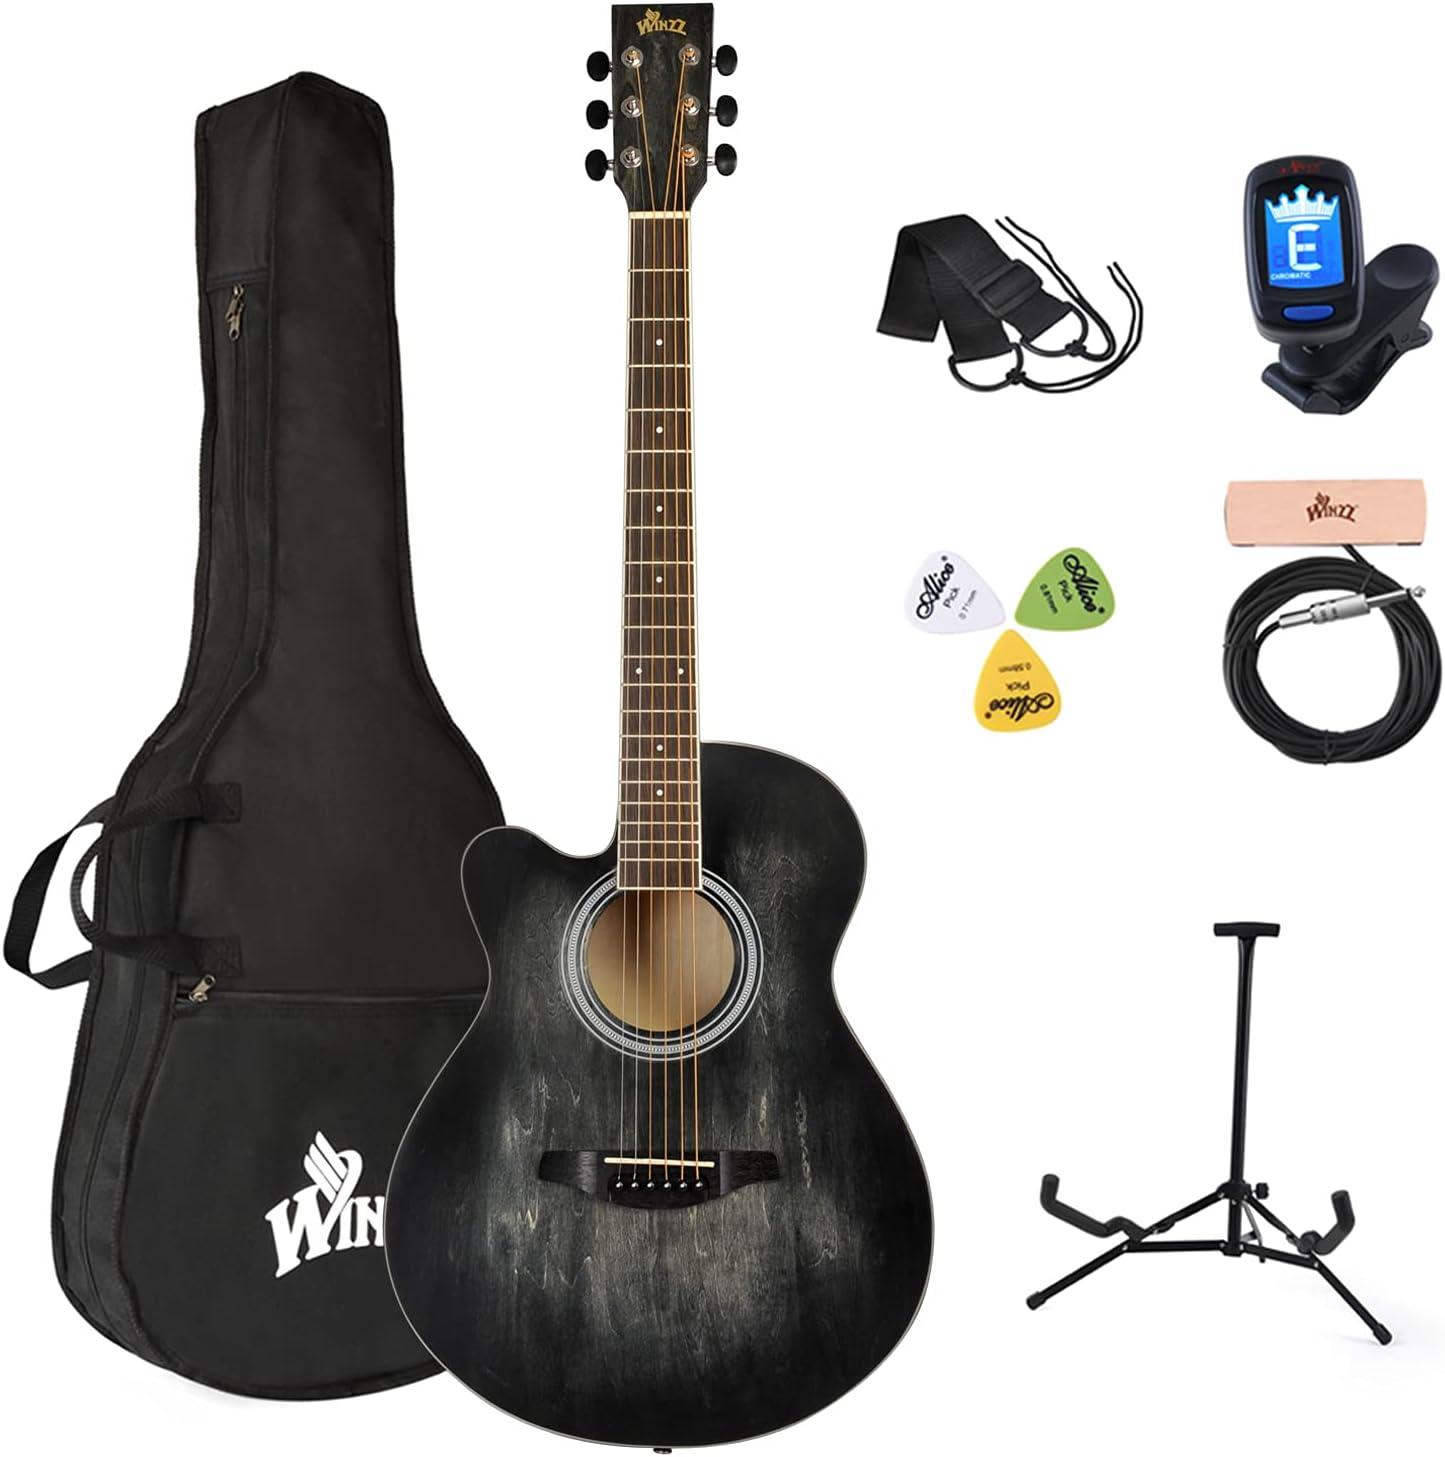 Winzz Guitarra acústica para zurdos, 100 cm, color negro, 100 cm, incluye pastilla de guitarra, soporte para guitarra, púas, correa, afinador de guitarra, funda